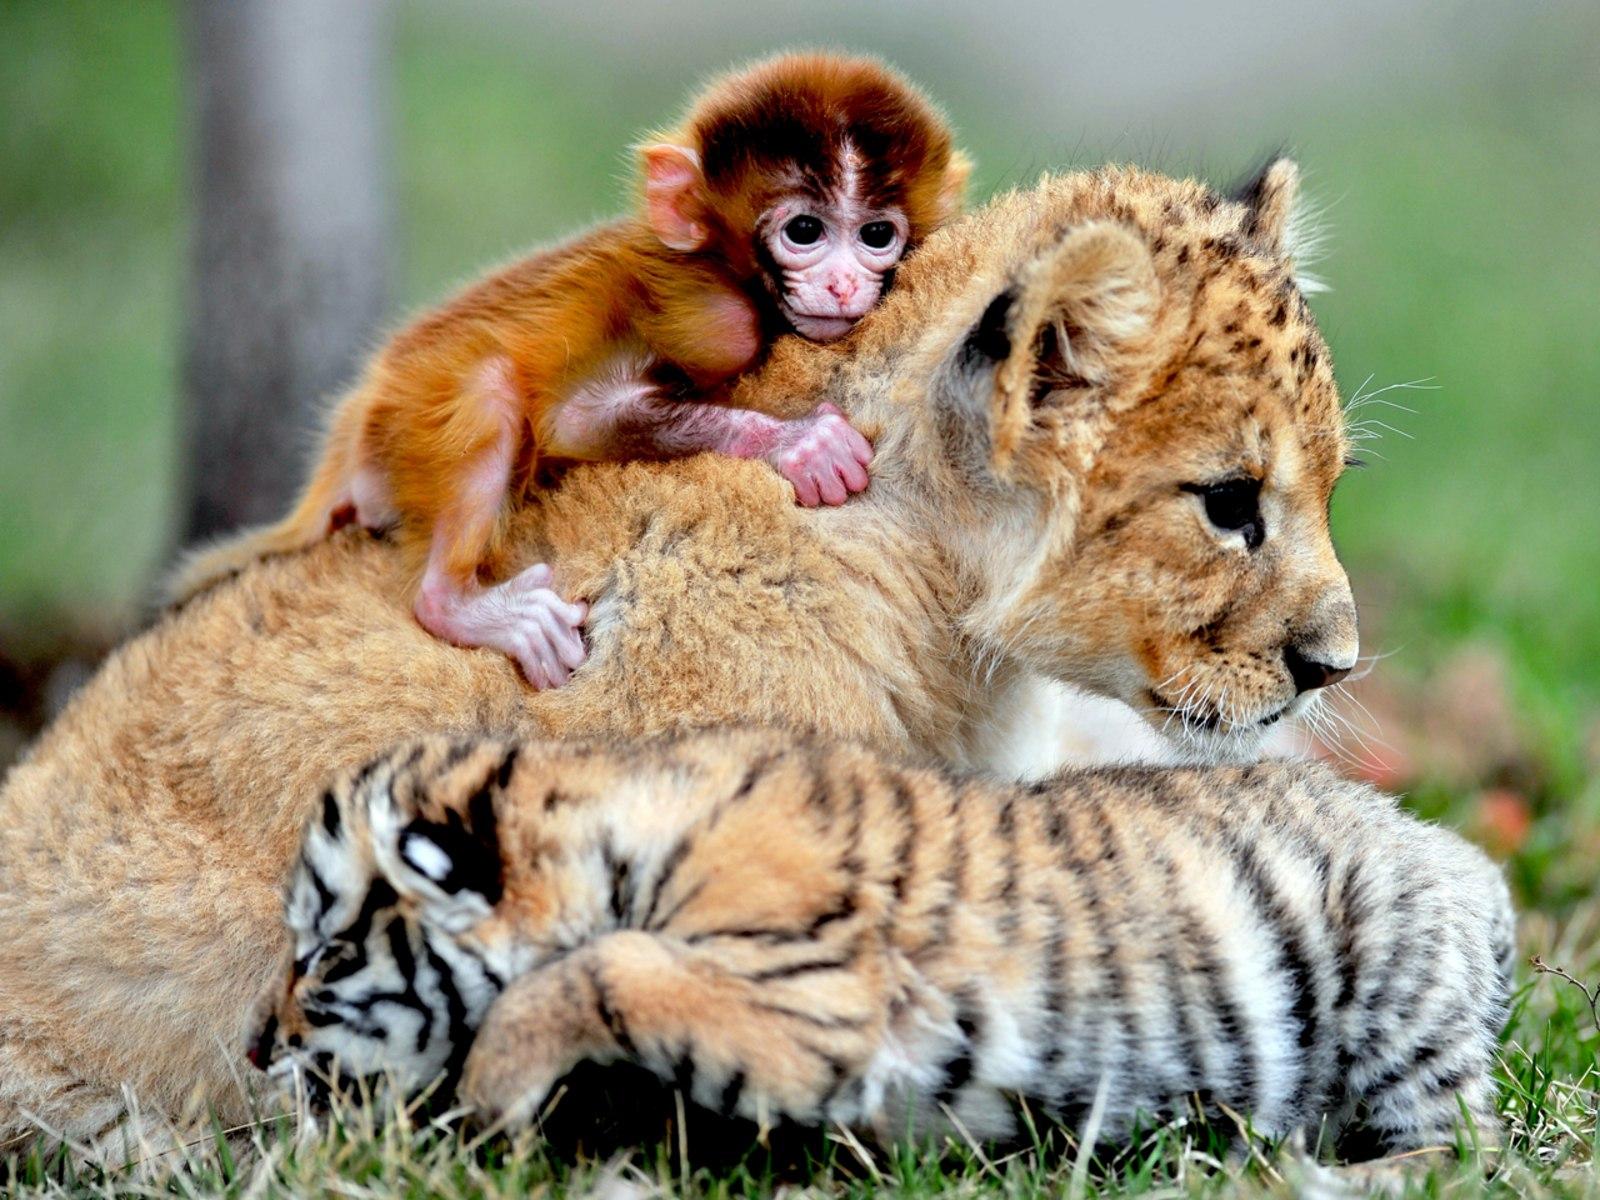 Baby animals photos baby animals ny daily news - World News May 1 2013